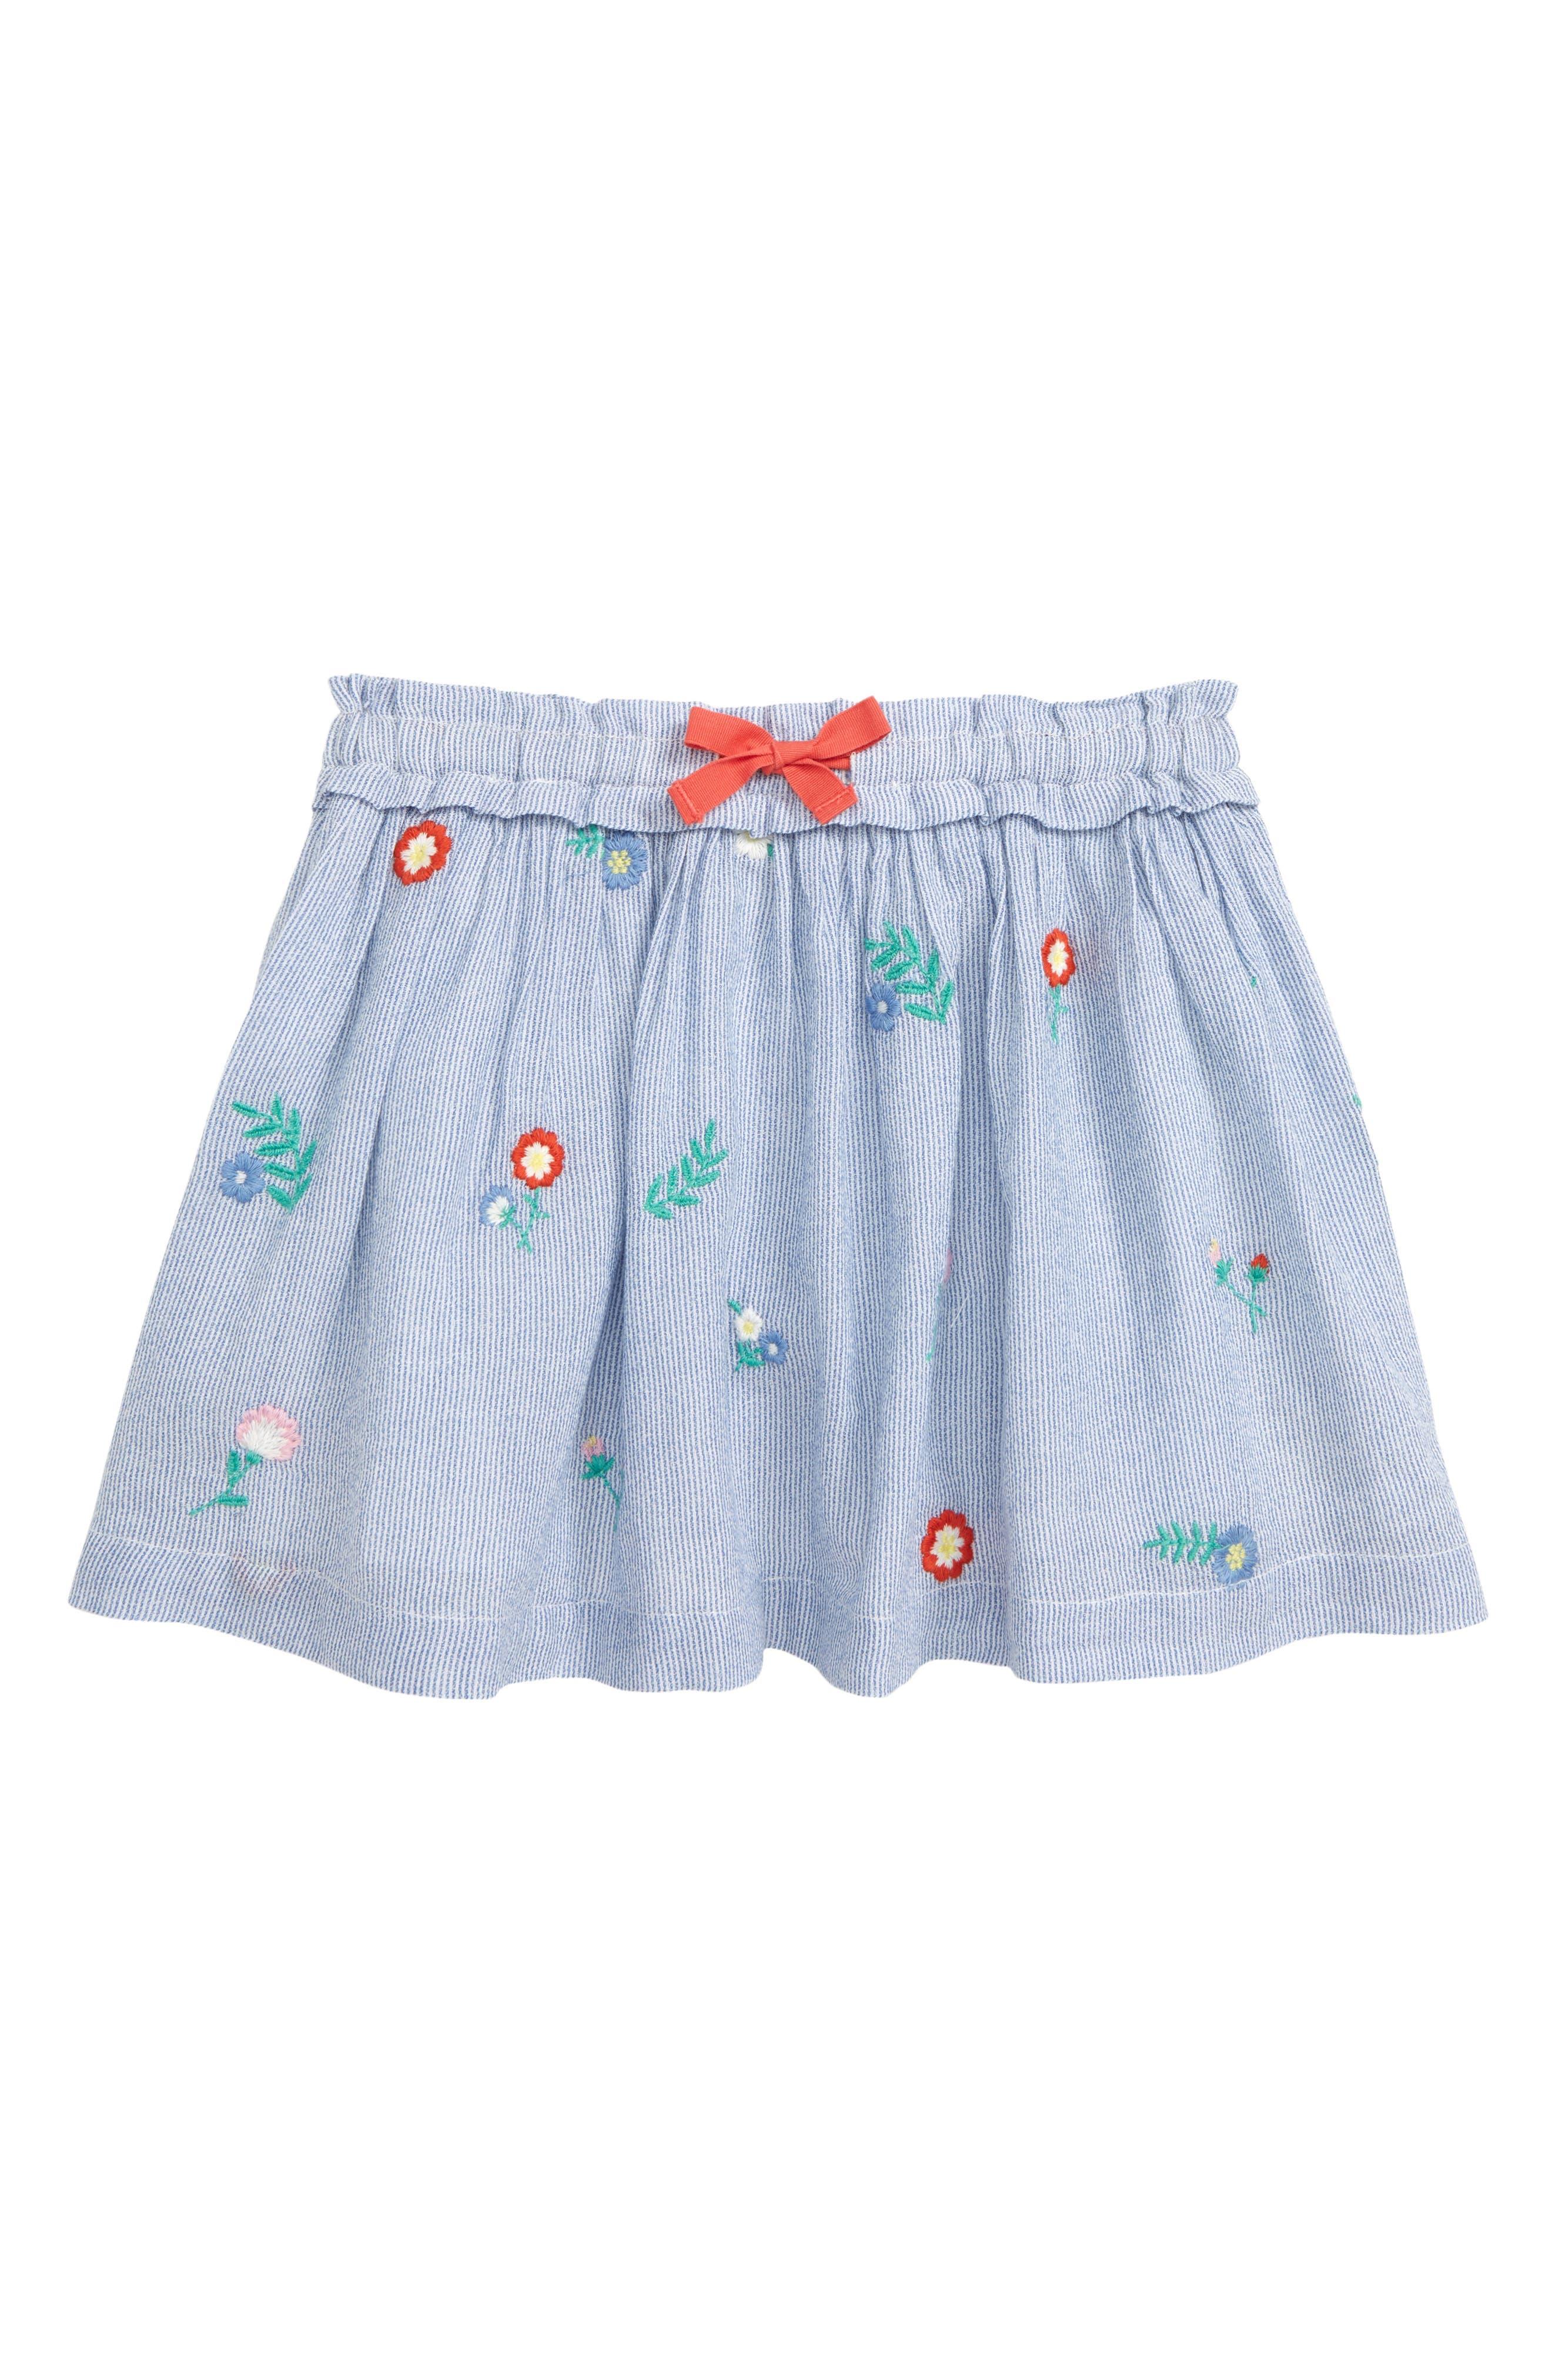 MINI BODEN Boden Appliqué Skirt, Main, color, STR LAKE BLUE TICKING STRIPE